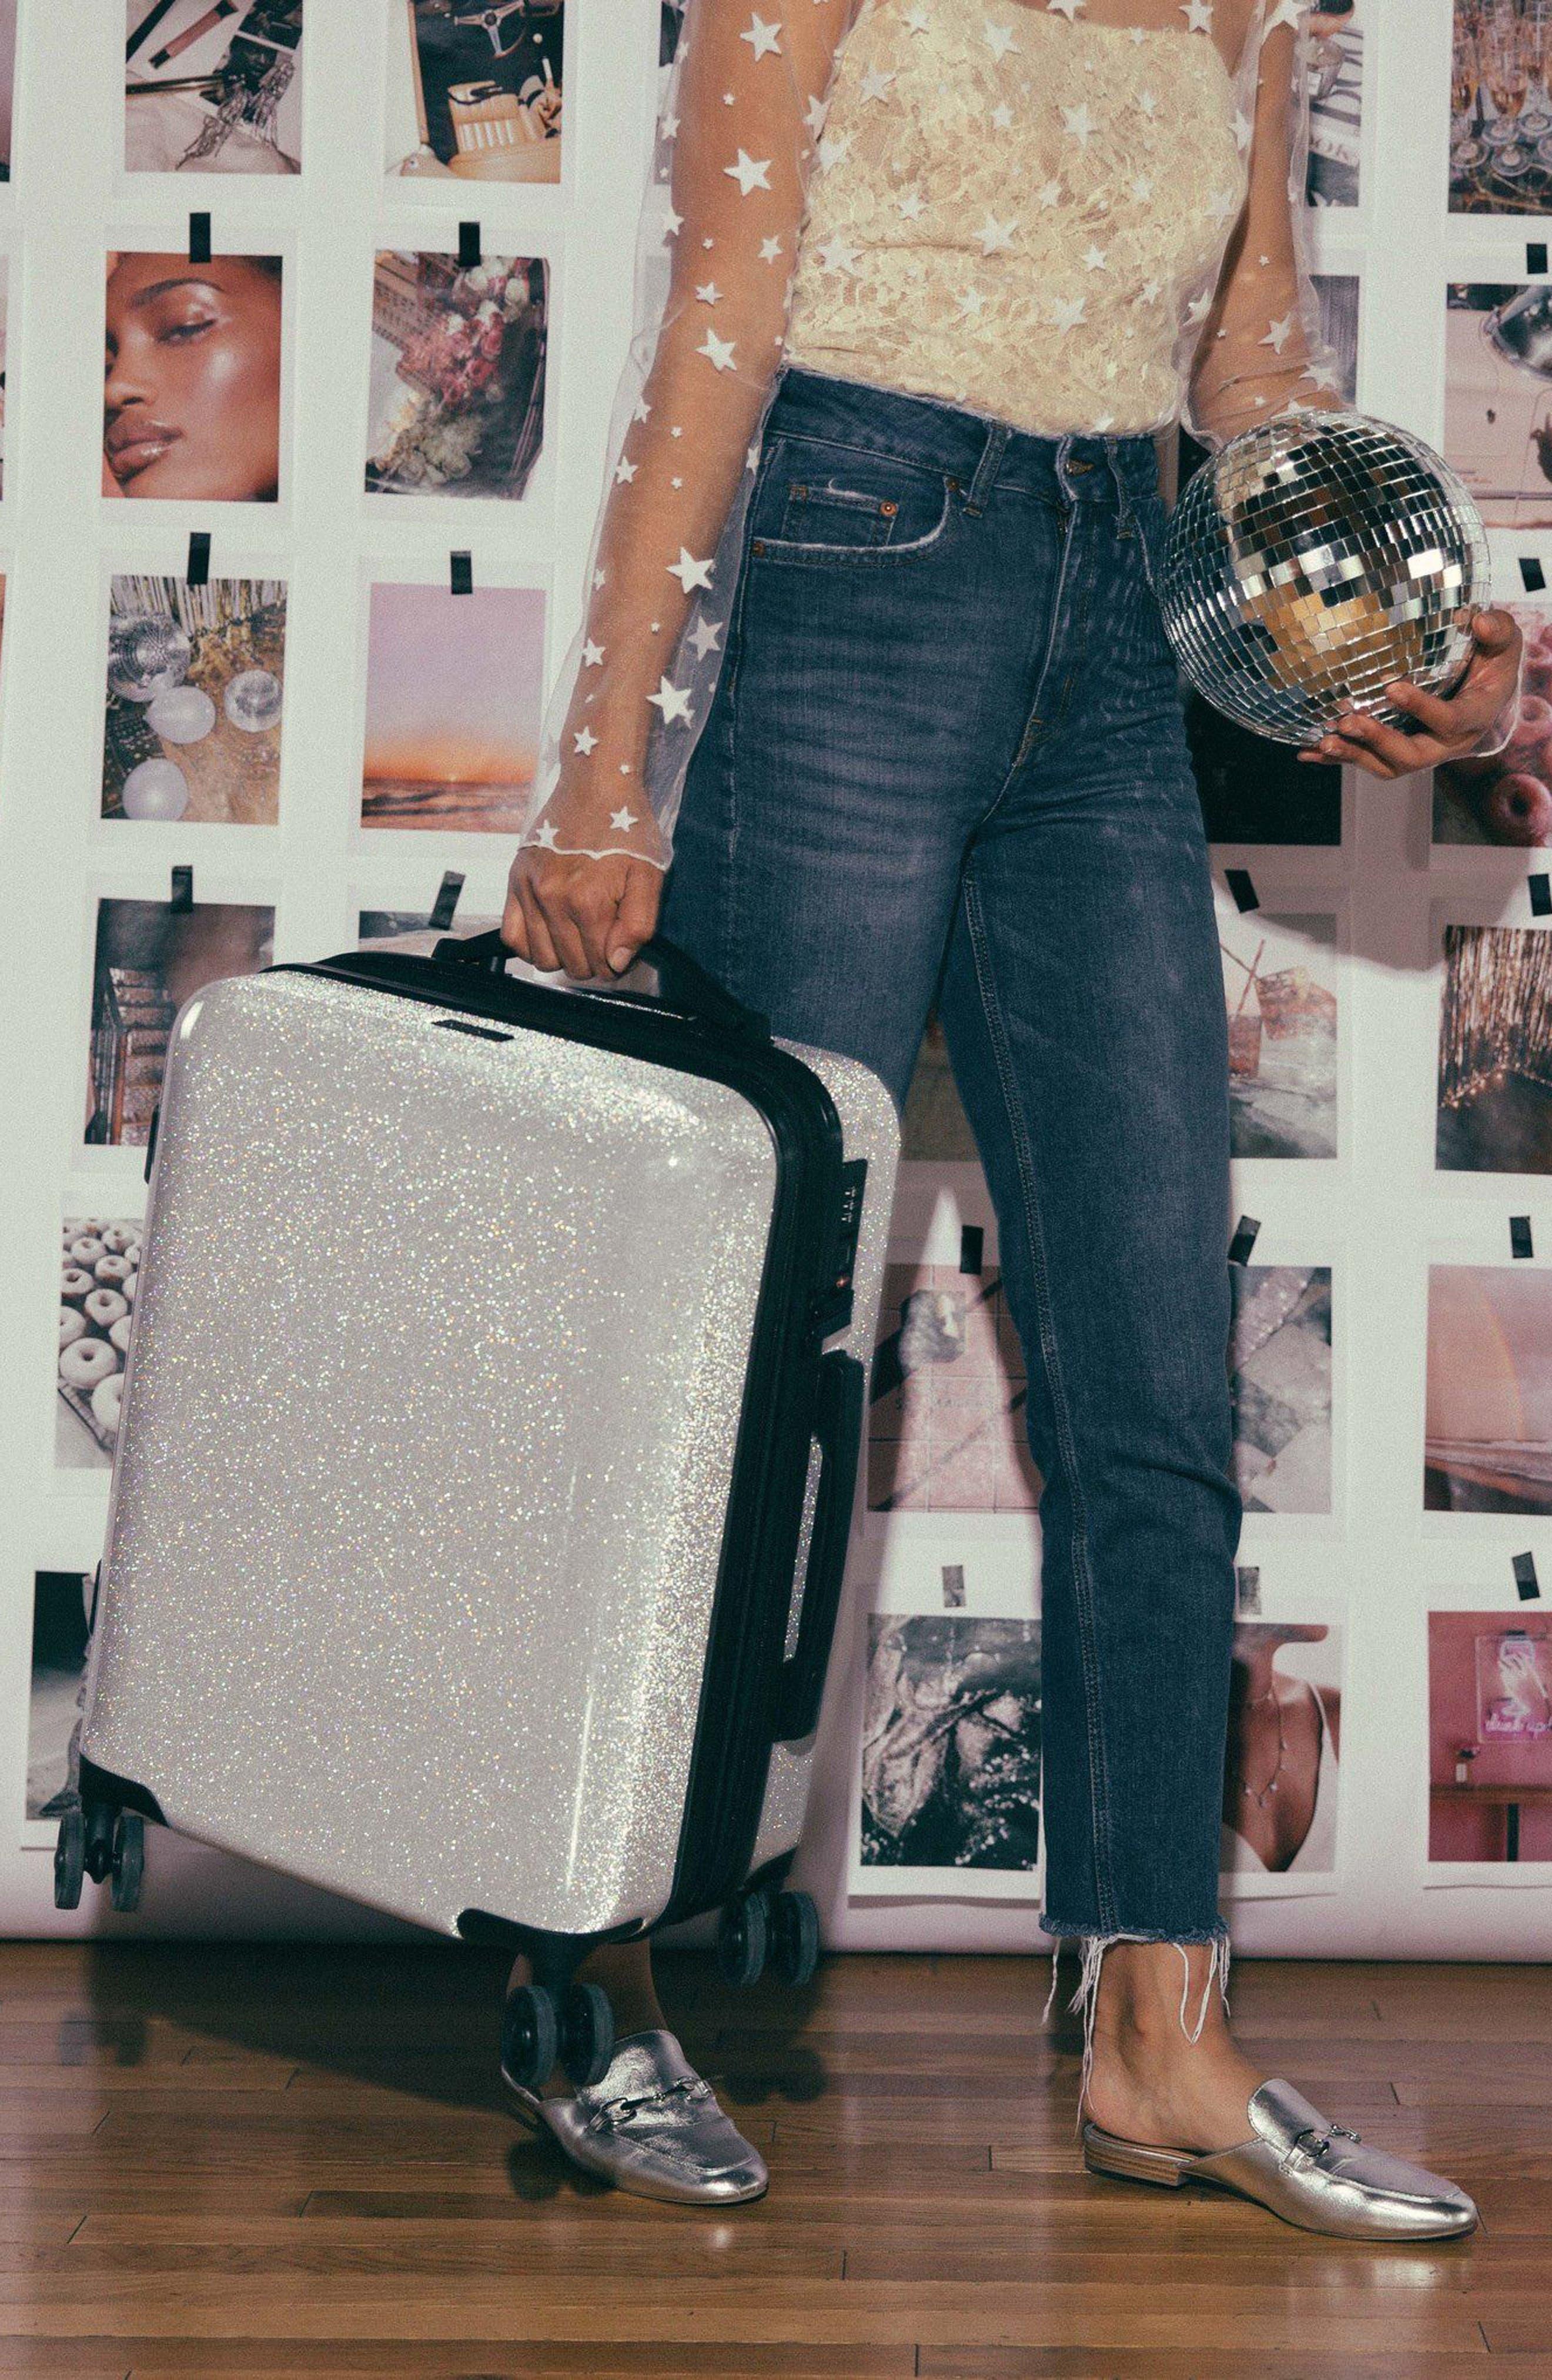 Medora Glitter 20-Inch Hardshell Spinner Carry-On Suitcase,                             Alternate thumbnail 8, color,                             SILVER STARDUST